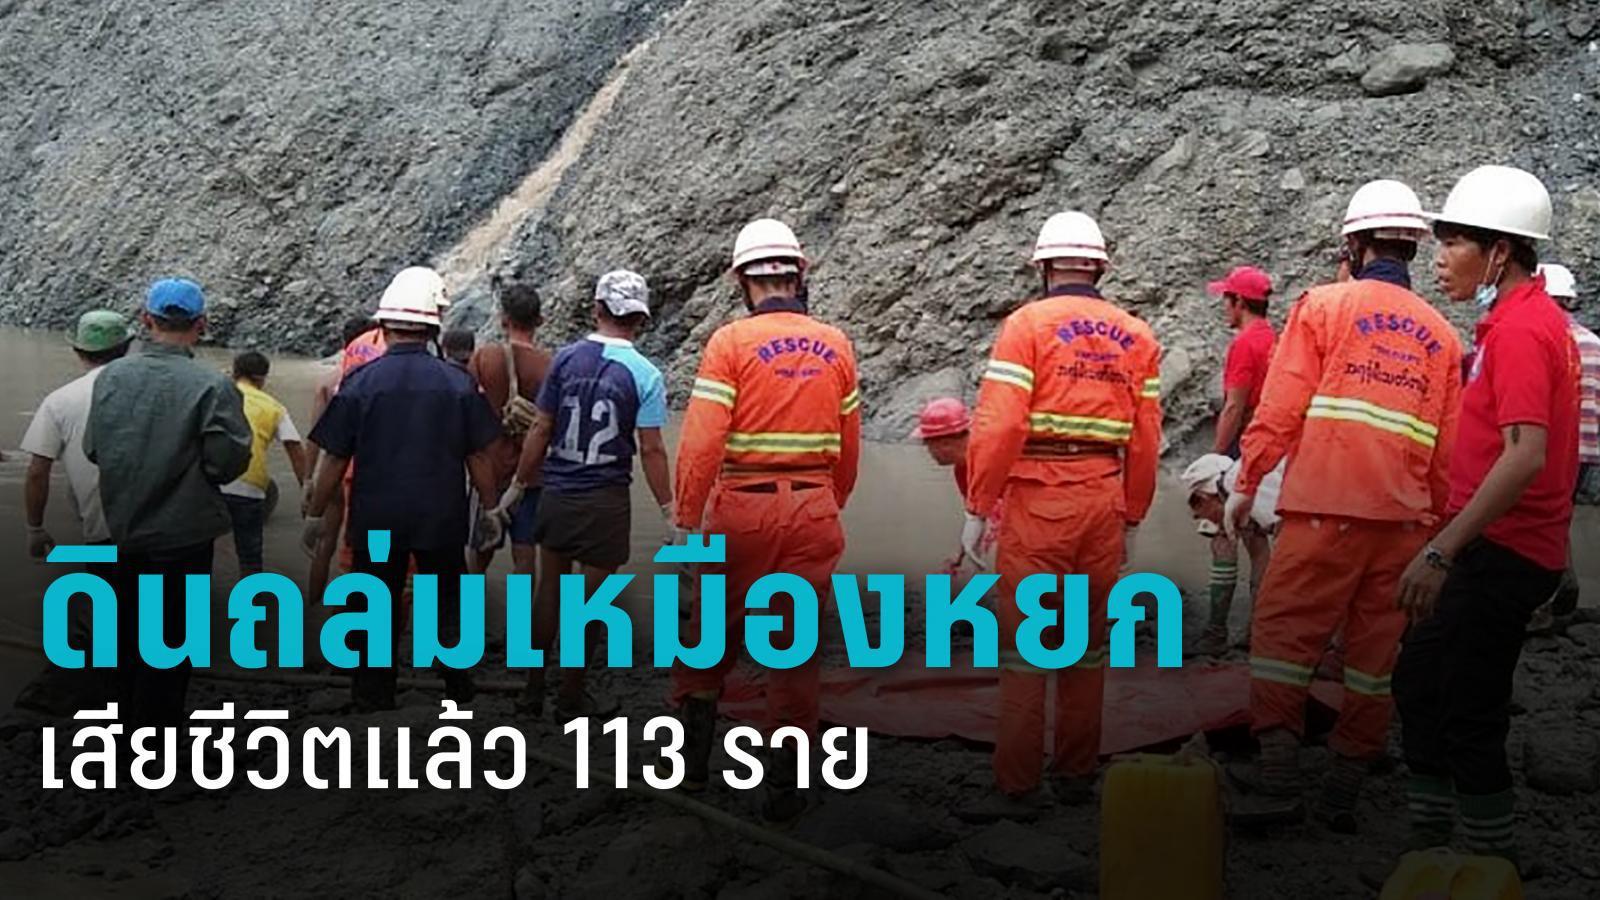 เกิดเหตุดินถล่มในเหมืองหยกเมียนมา เสียชีวิตอย่างน้อย 113 ราย